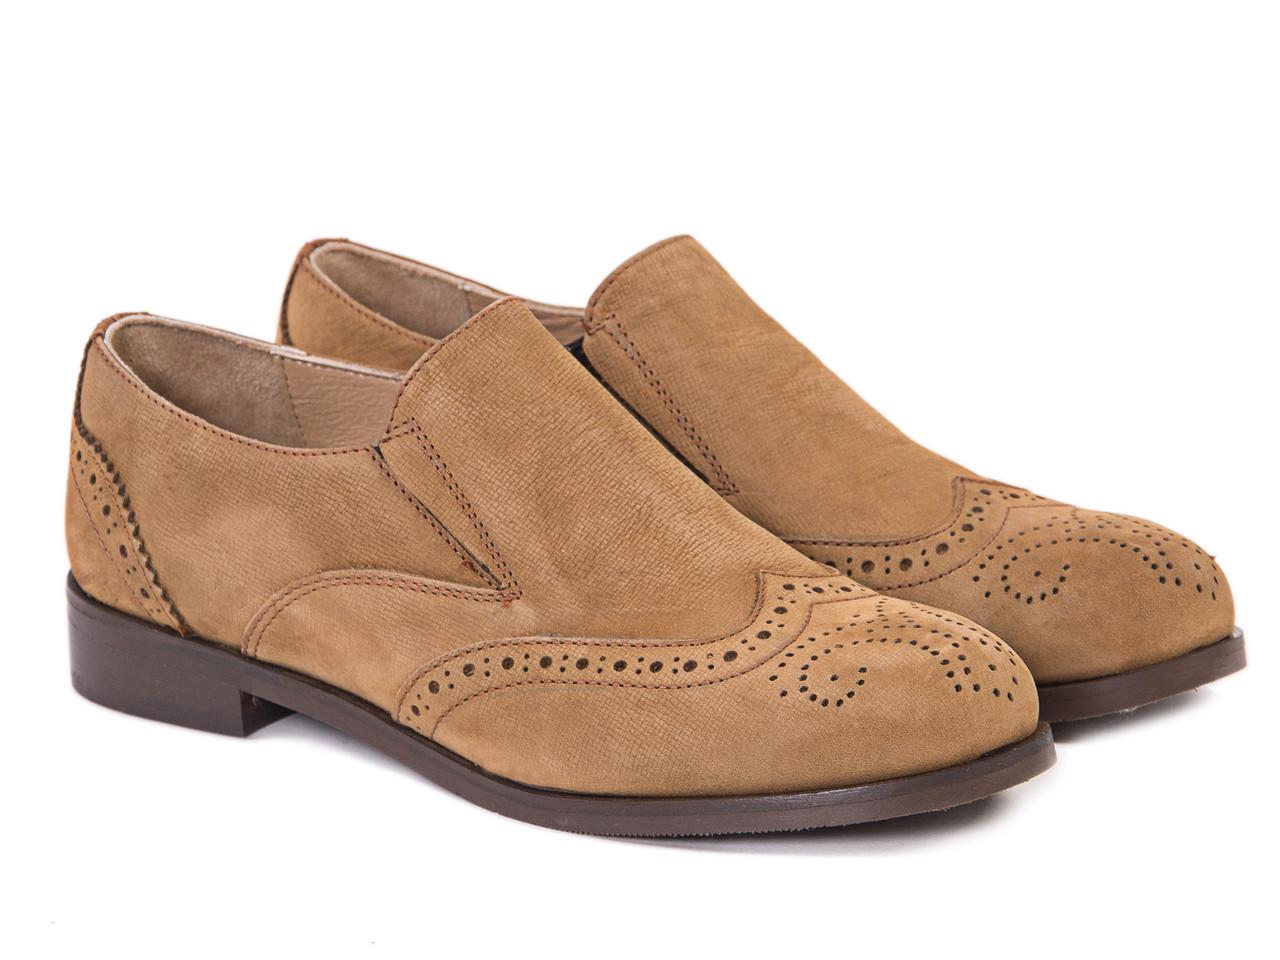 Броги Etor 3905-2-1379-630 коричневые